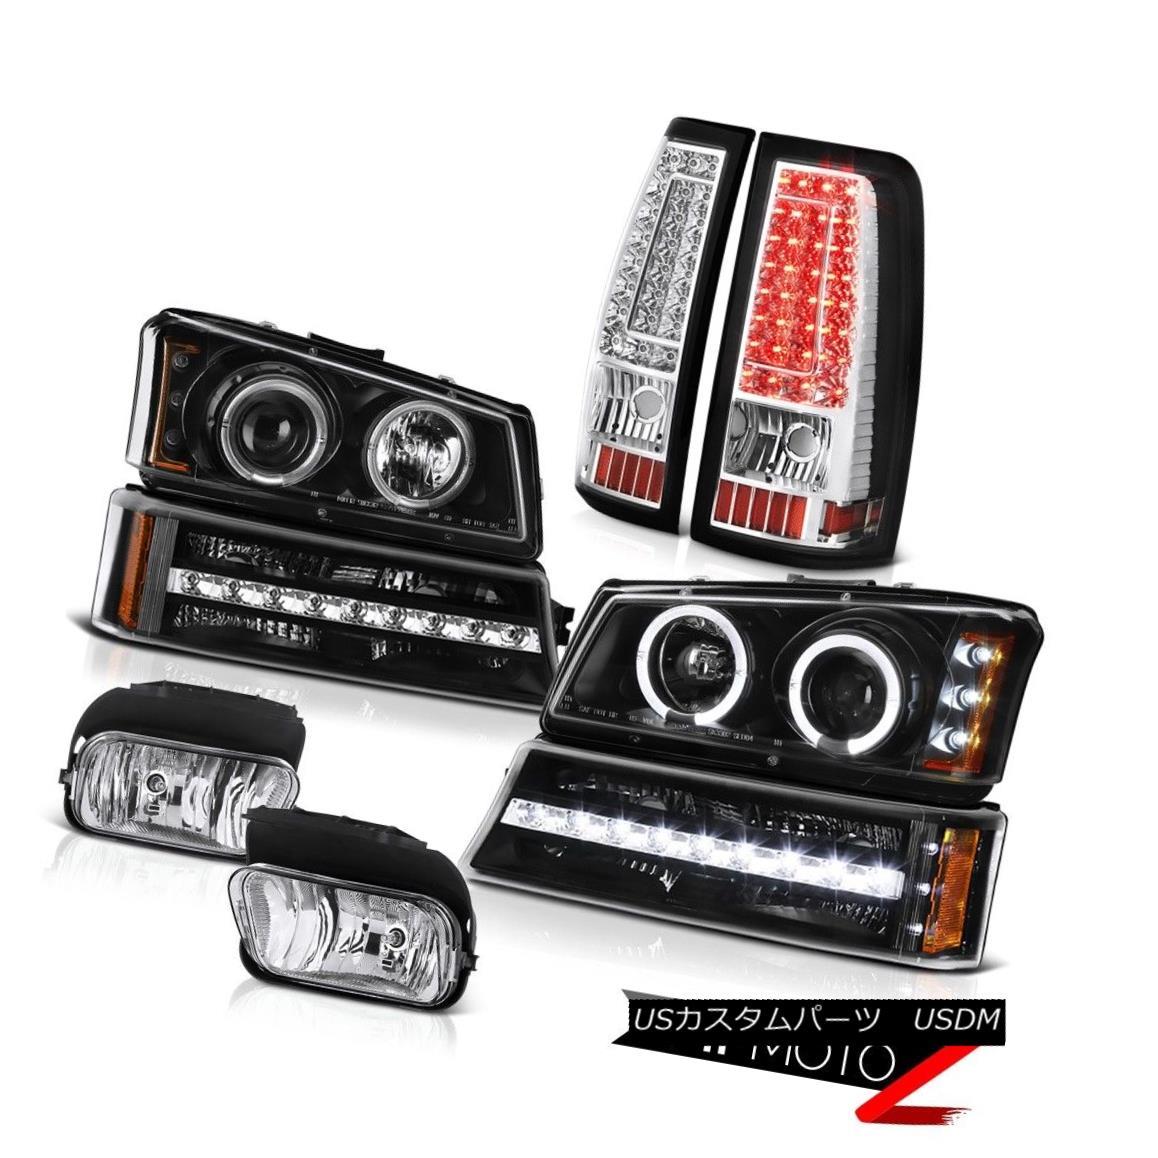 テールライト 03-06 Silverado Chrome Fog Lights Tail Brake Lamps Black Turn Signal Headlamps 03-06 Silveradoクロームフォグライトテールブレーキランプブラックターンシグナルヘッドランプ